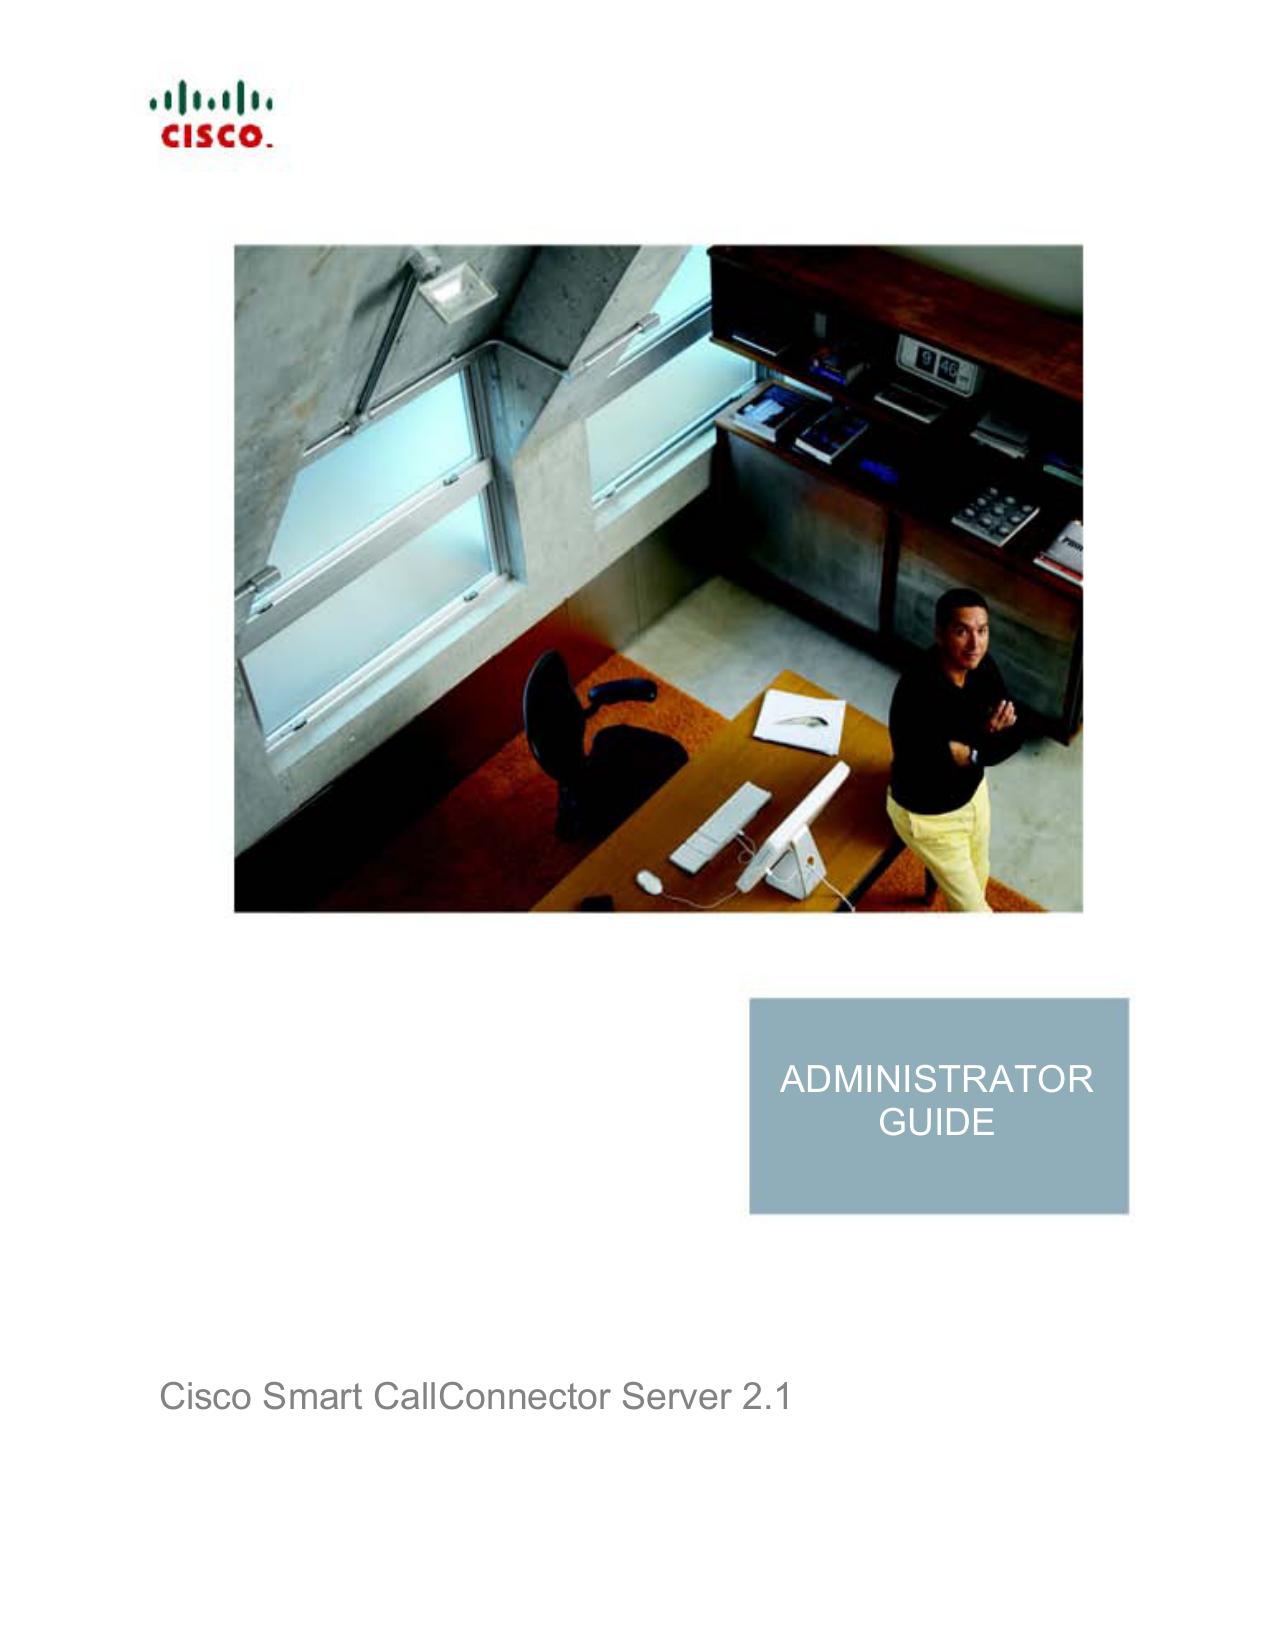 Cisco Smart CallConnector Server 2 1 Administration Guide | manualzz com